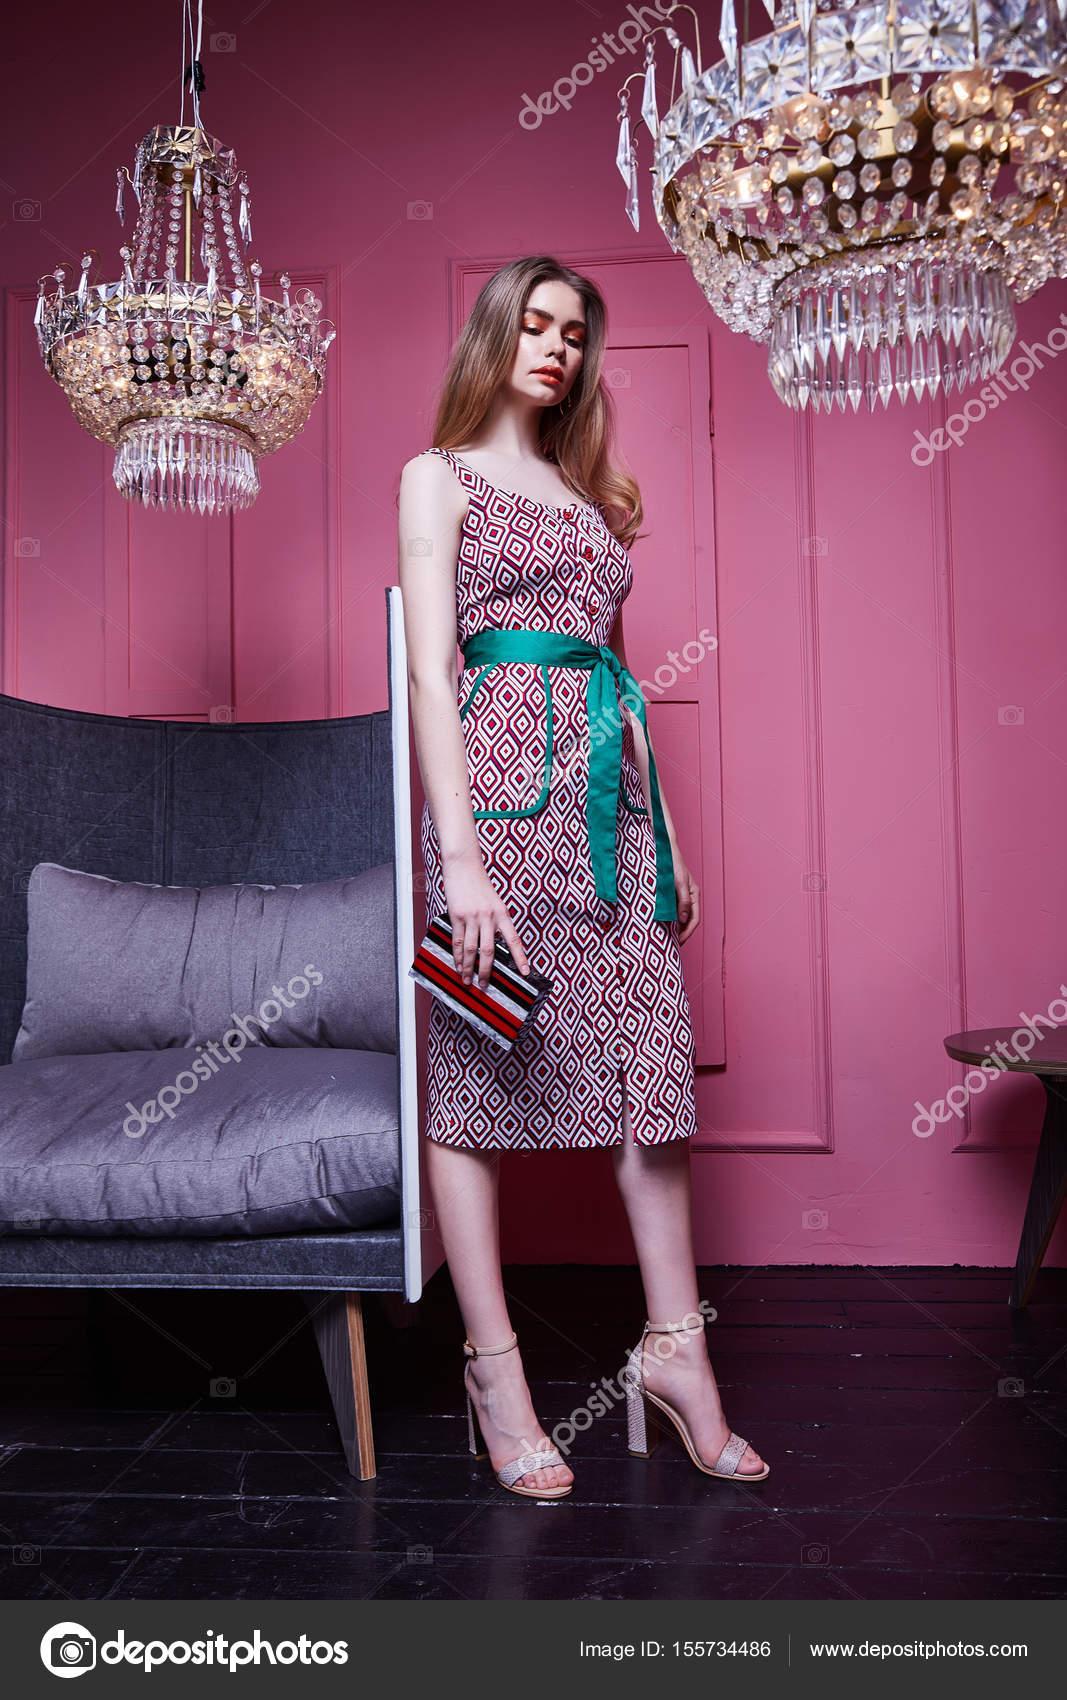 Sexy Lady Kleidung für Büro Stil zufälligen Begegnung feiern ...